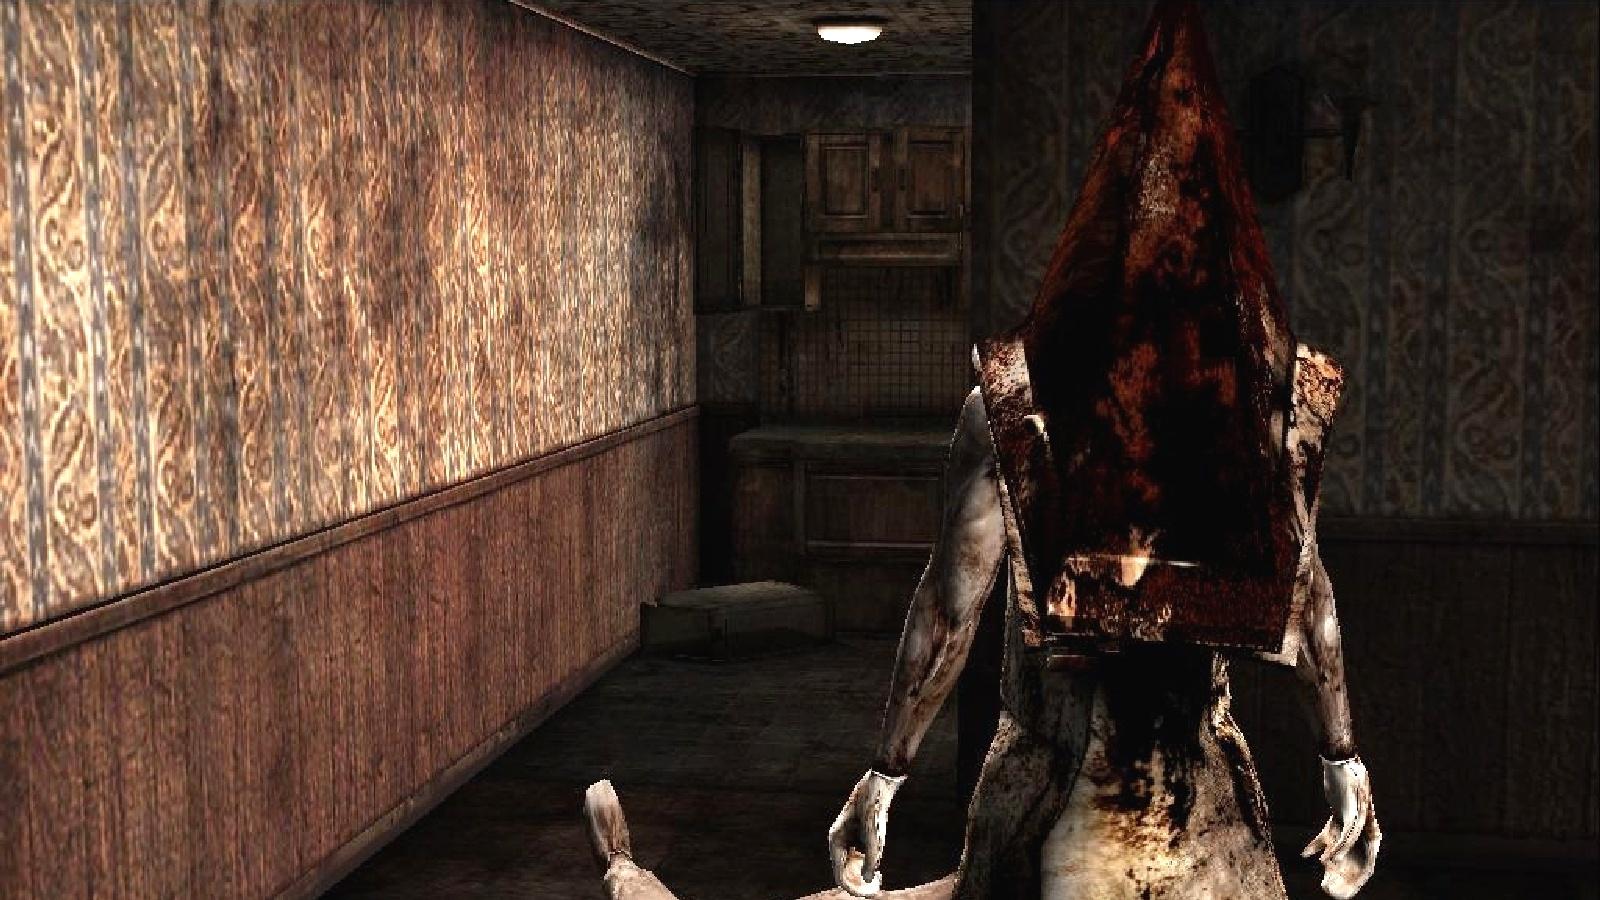 Silent Hill 2 - YouTuber schauen hinter die Kulissen bestätigen beliebte Fan-Theorie